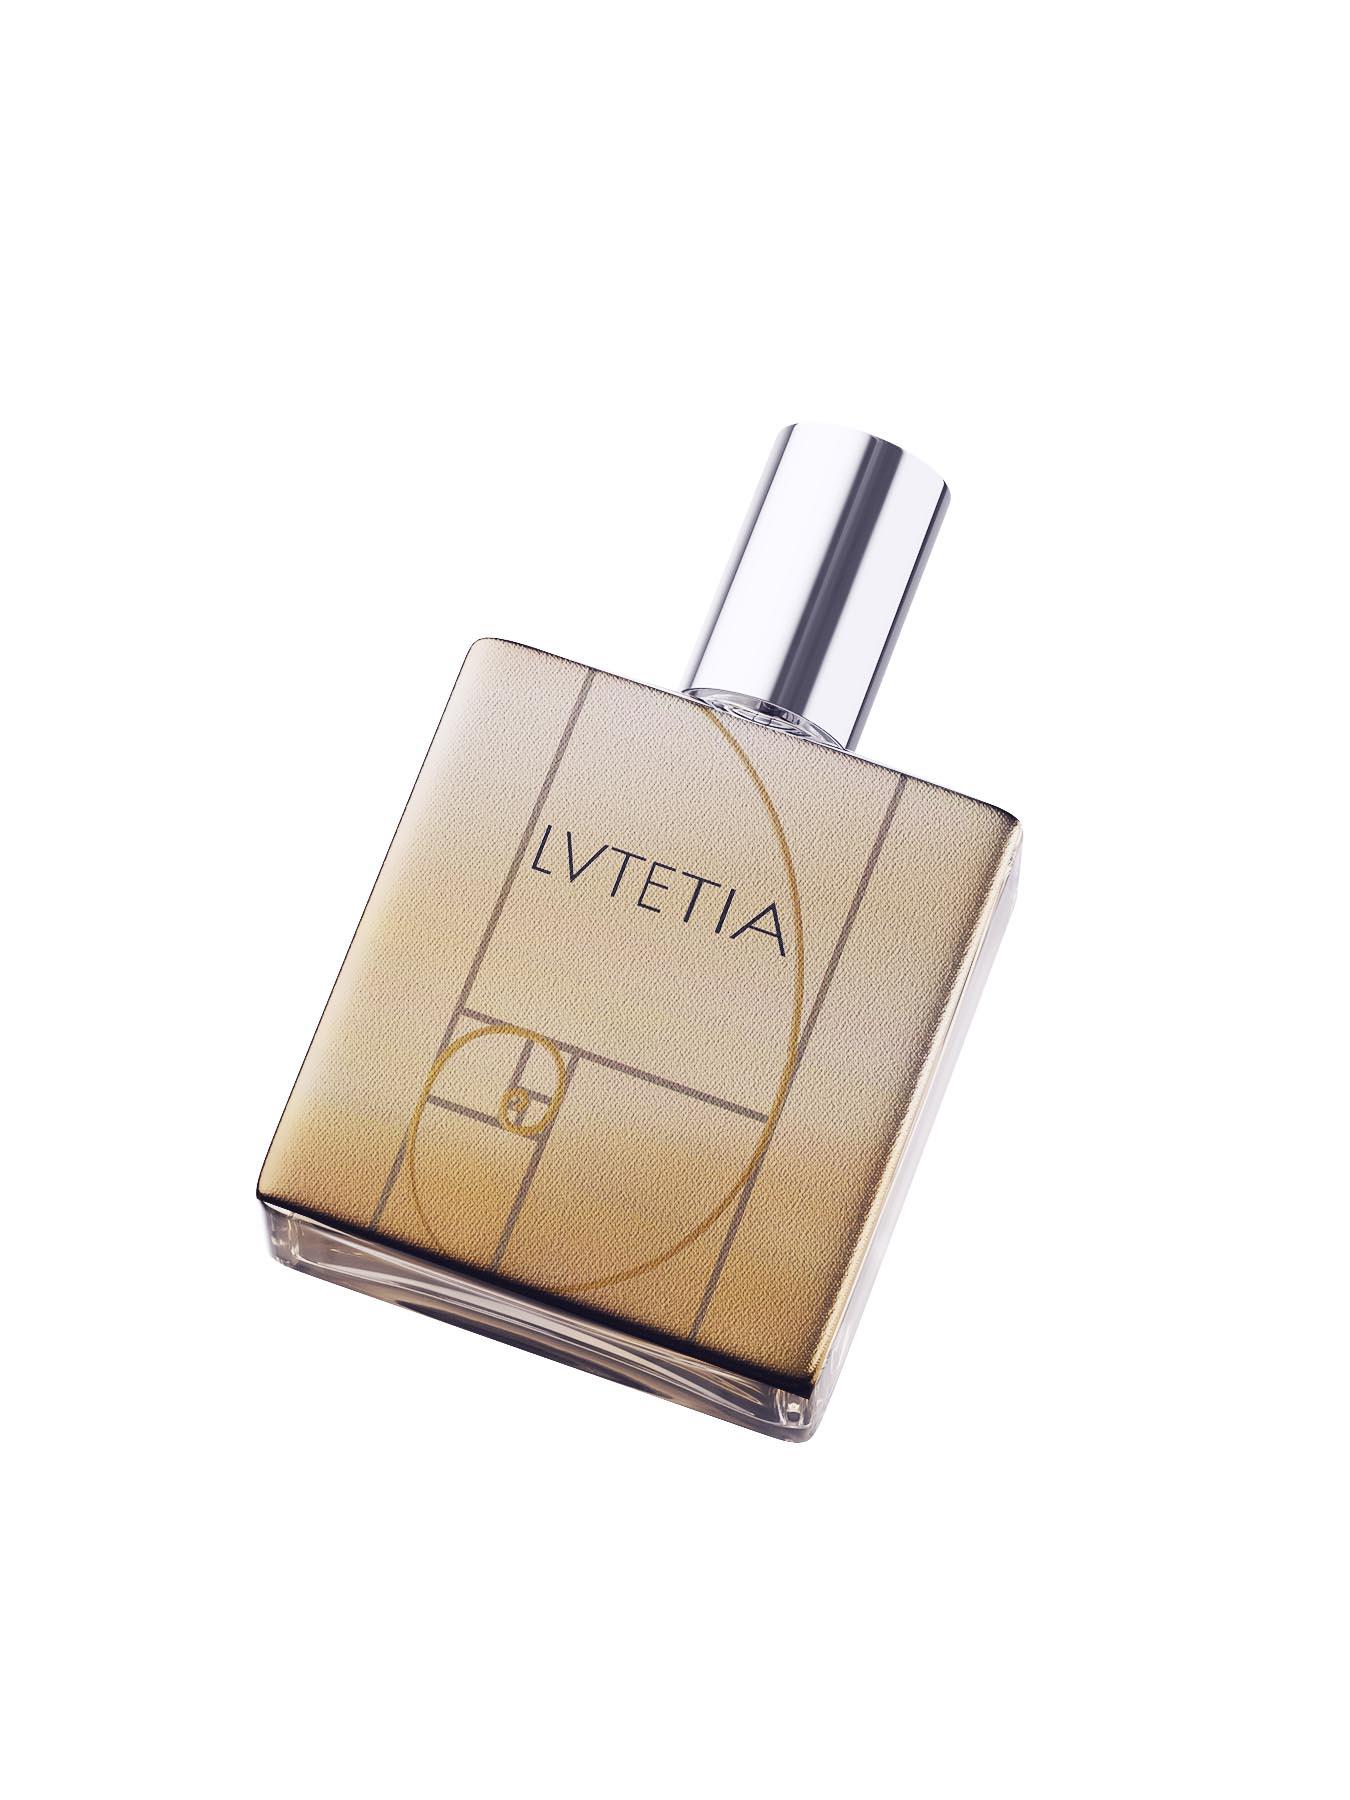 PROJET ESAT/ LUTETIA Rénovation de l'identité du Lutetia, de son offre et de son apparence. ( logo, main visual, packaging collector, video, plaquette,...)